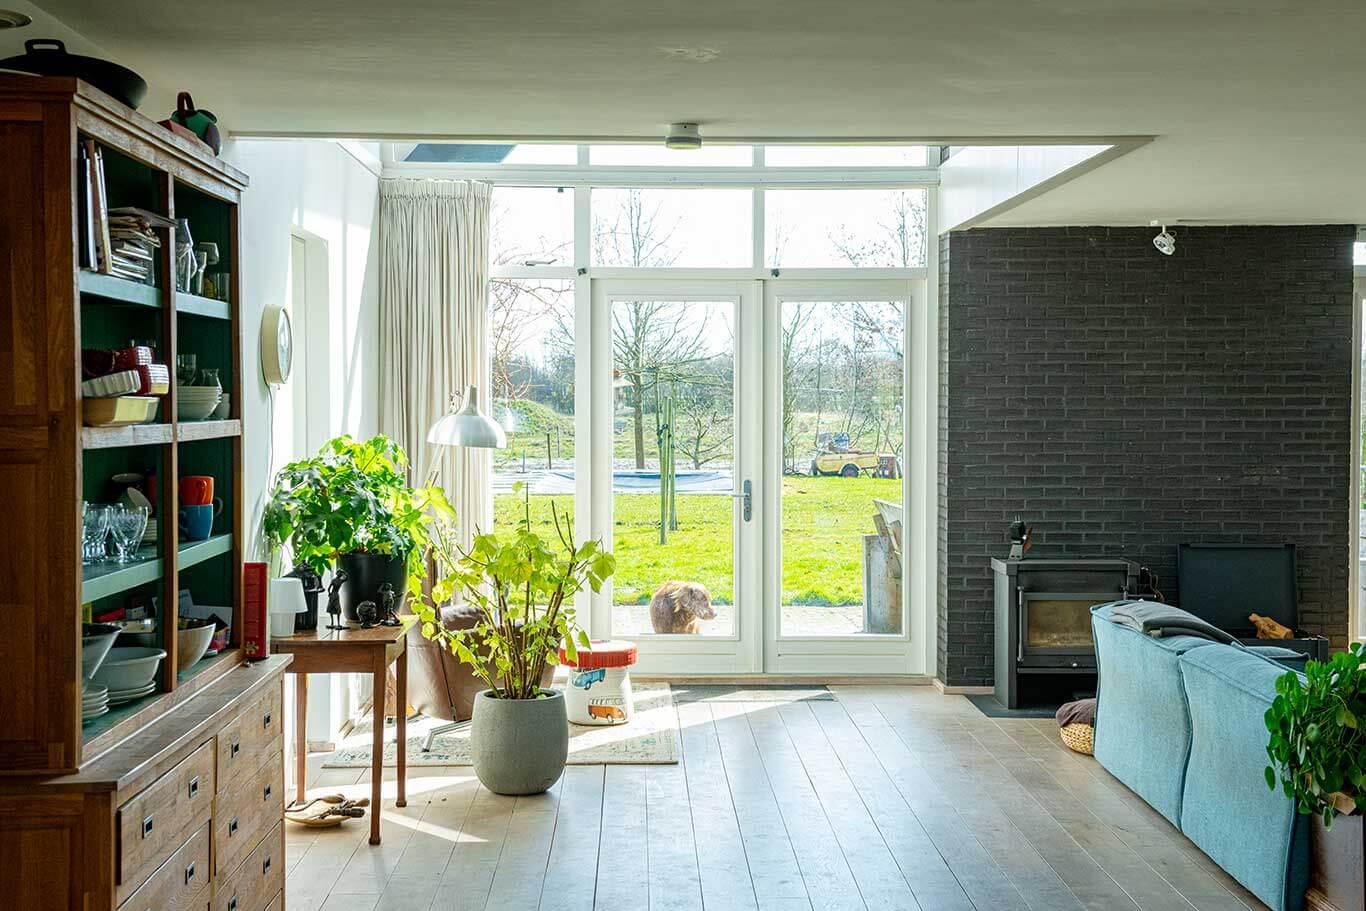 hesselmann-oldeberkoop-woonhuis-interieur-8.jpg